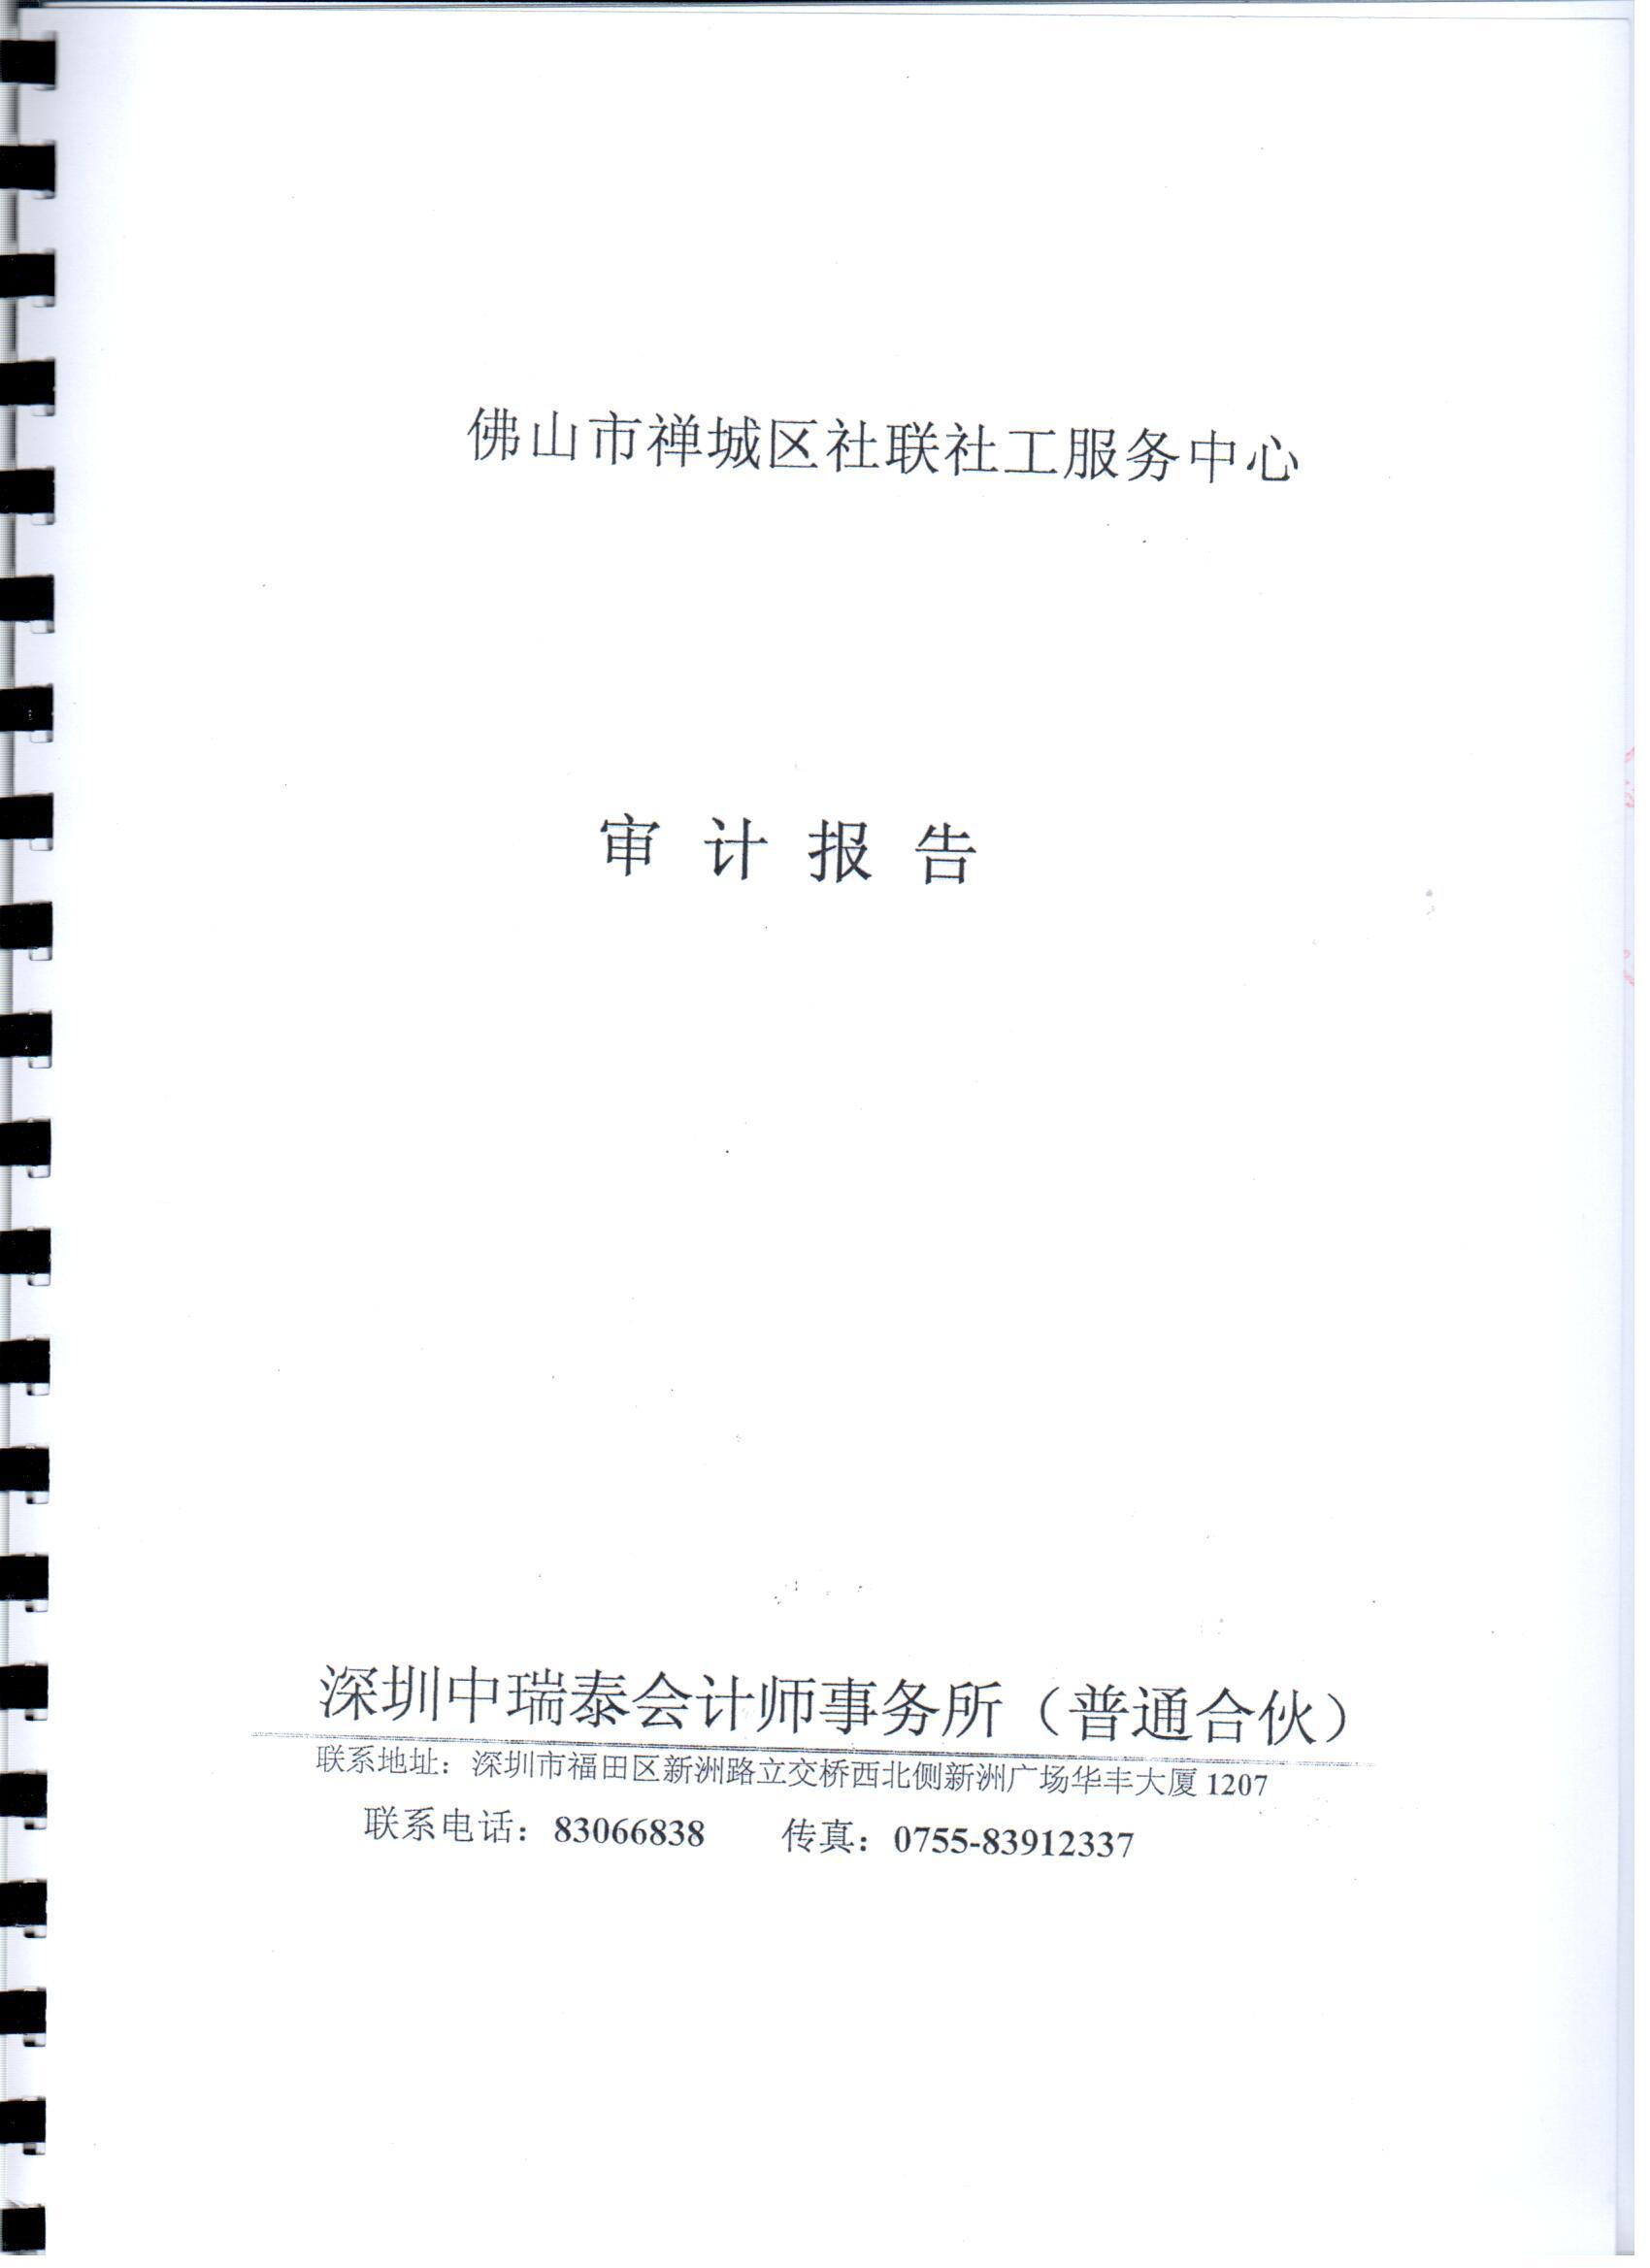 2014年财务审计报告